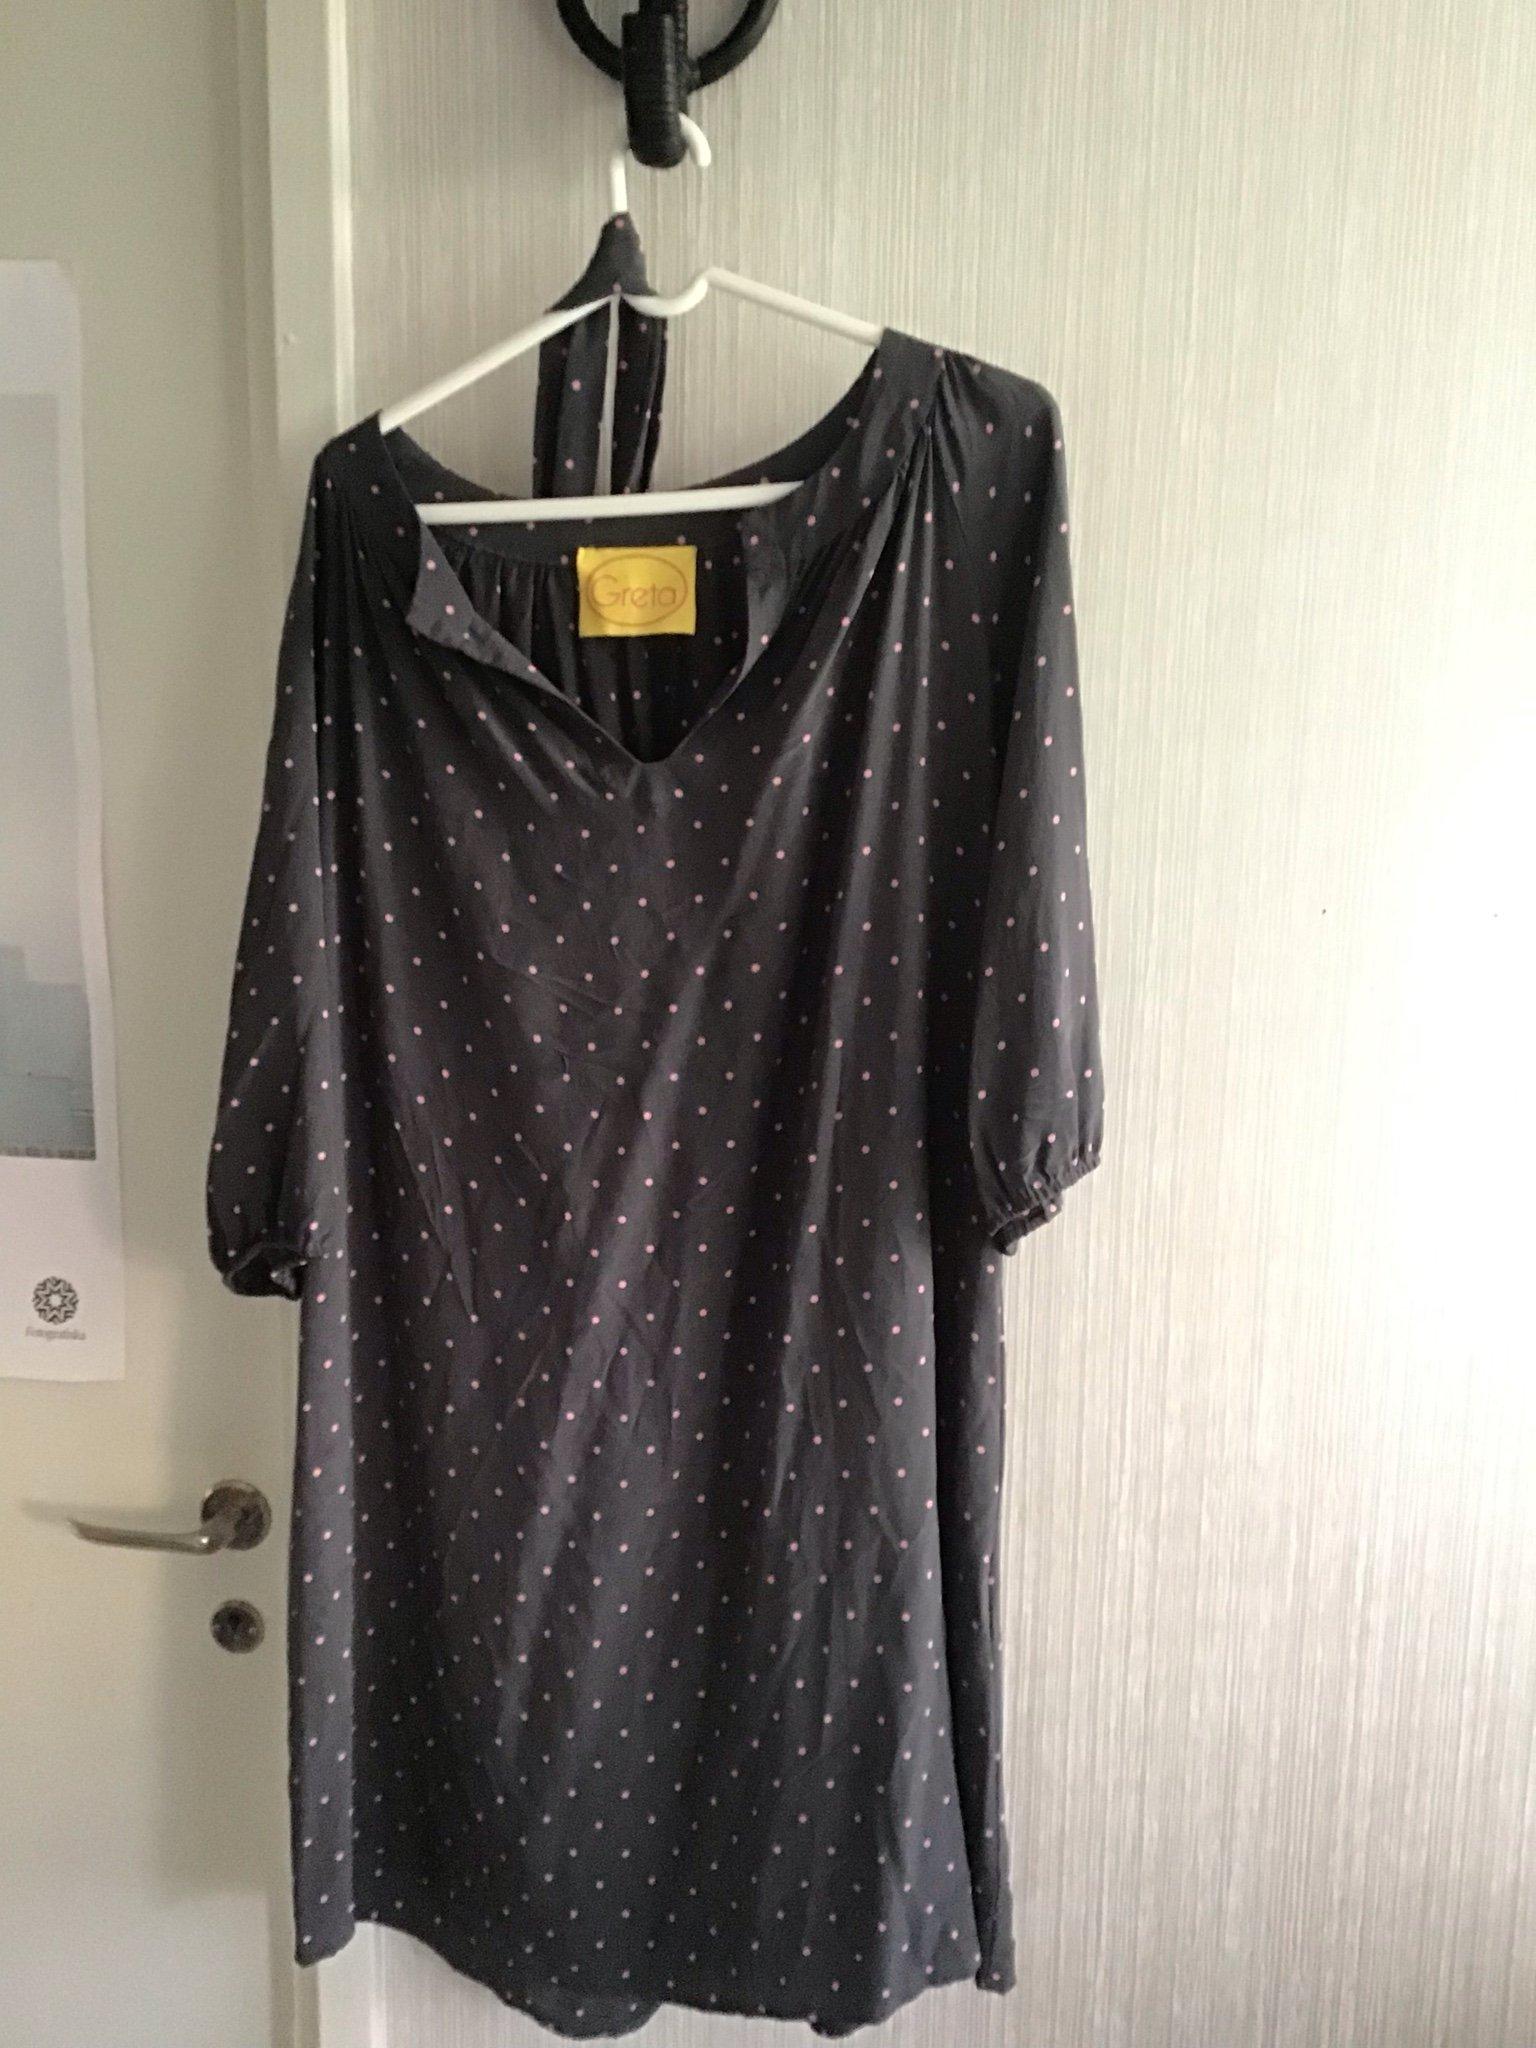 8ba2e3b94879 Greta klänning, stl m, grå med rosa prickar. Po.. (351828942) ᐈ Köp ...